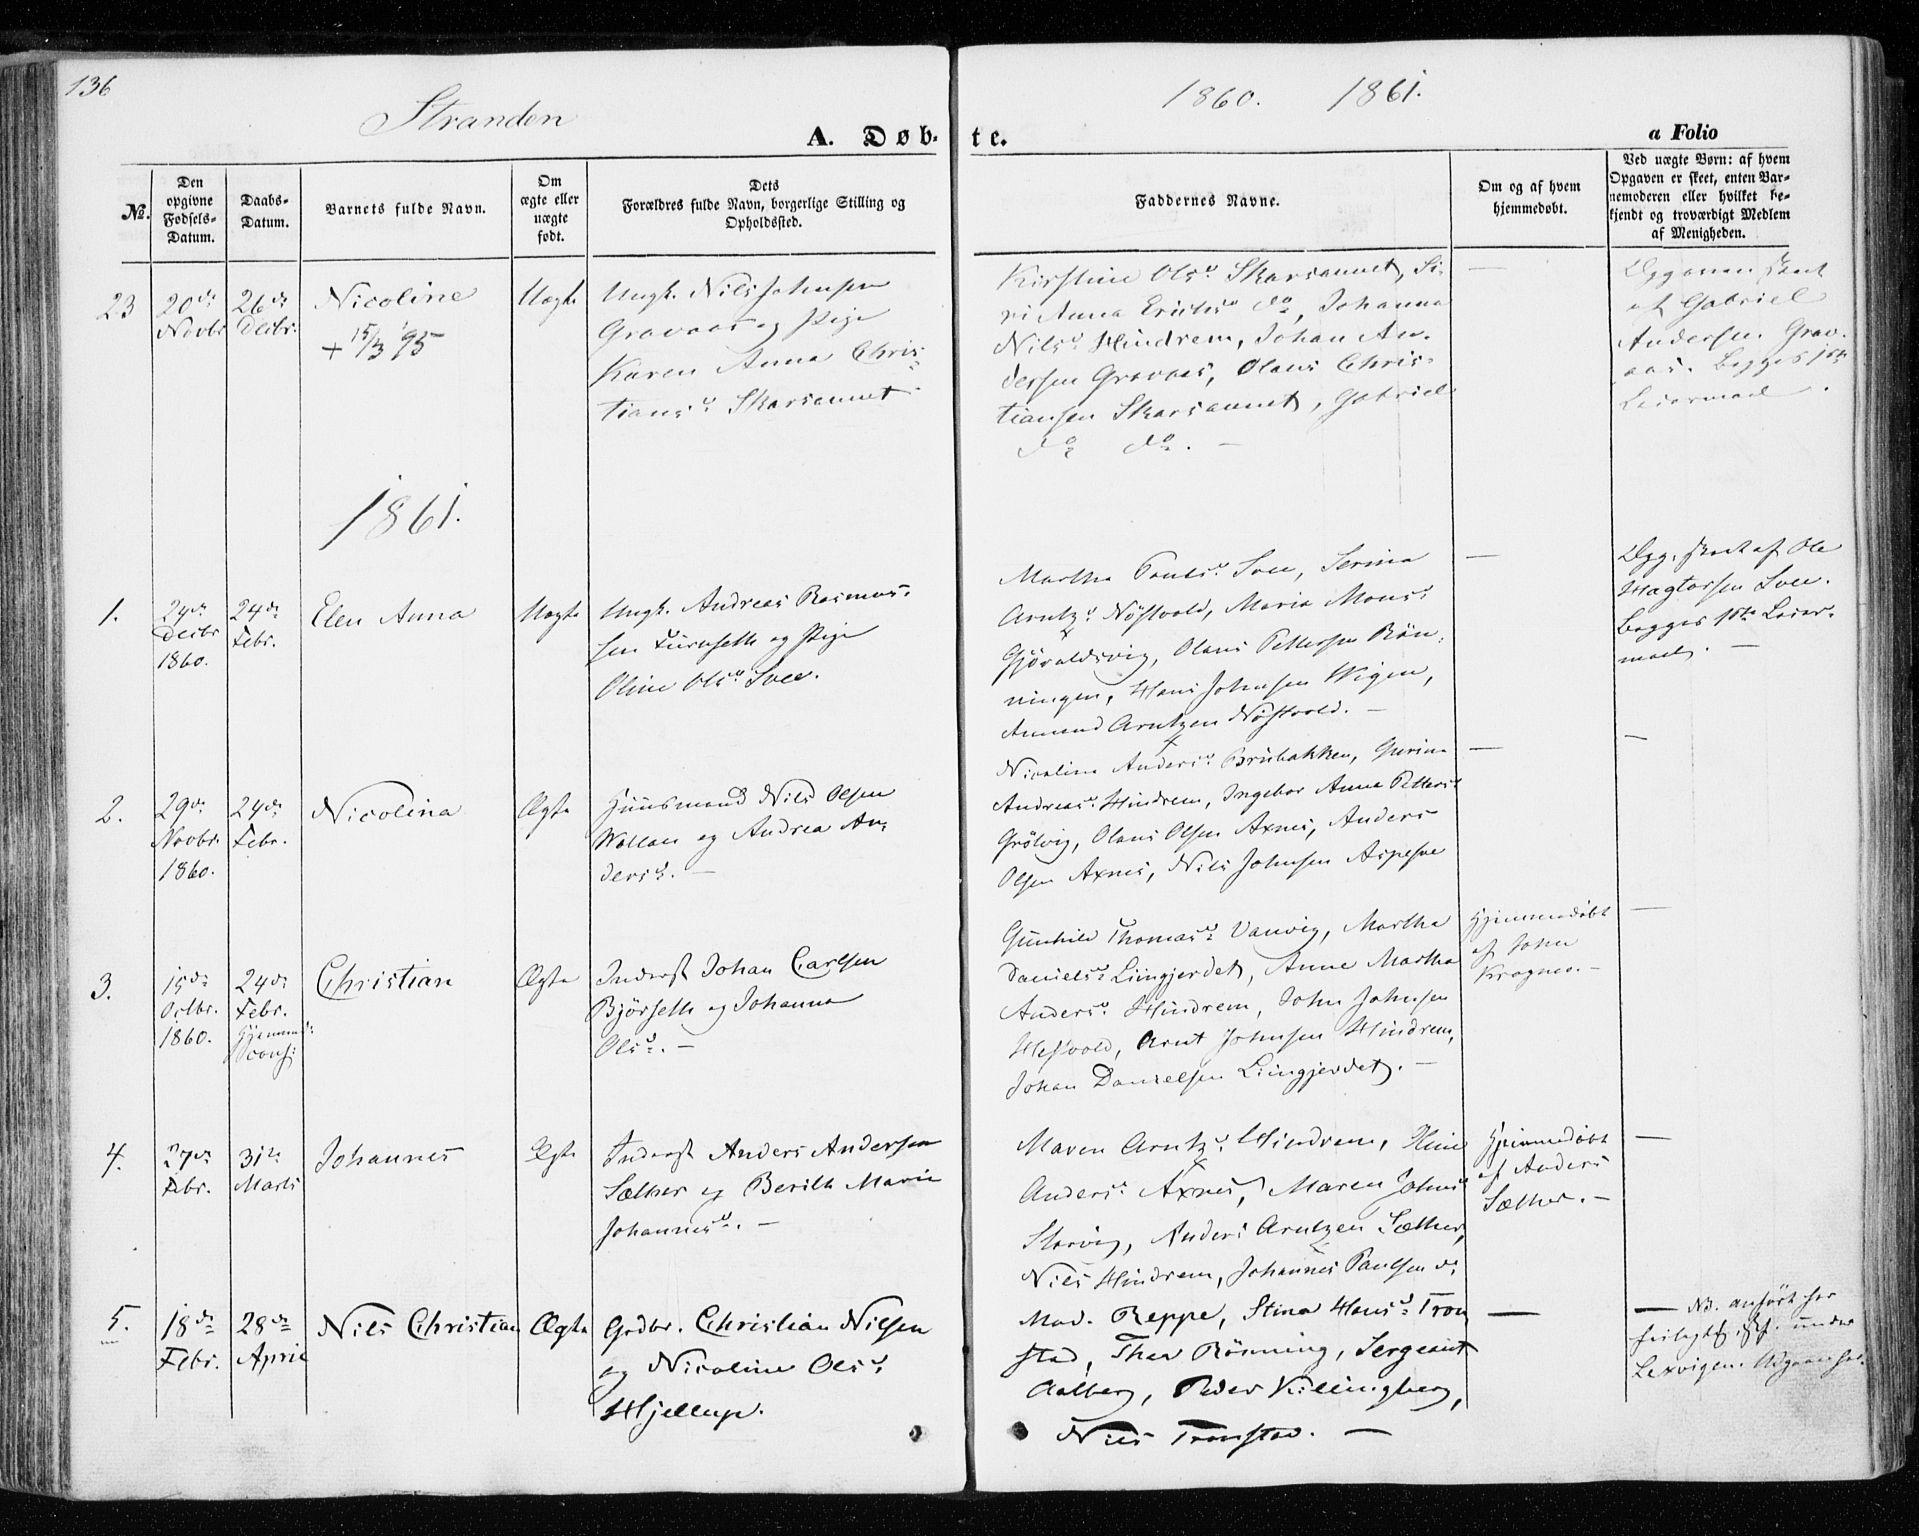 SAT, Ministerialprotokoller, klokkerbøker og fødselsregistre - Nord-Trøndelag, 701/L0008: Ministerialbok nr. 701A08 /2, 1854-1863, s. 136